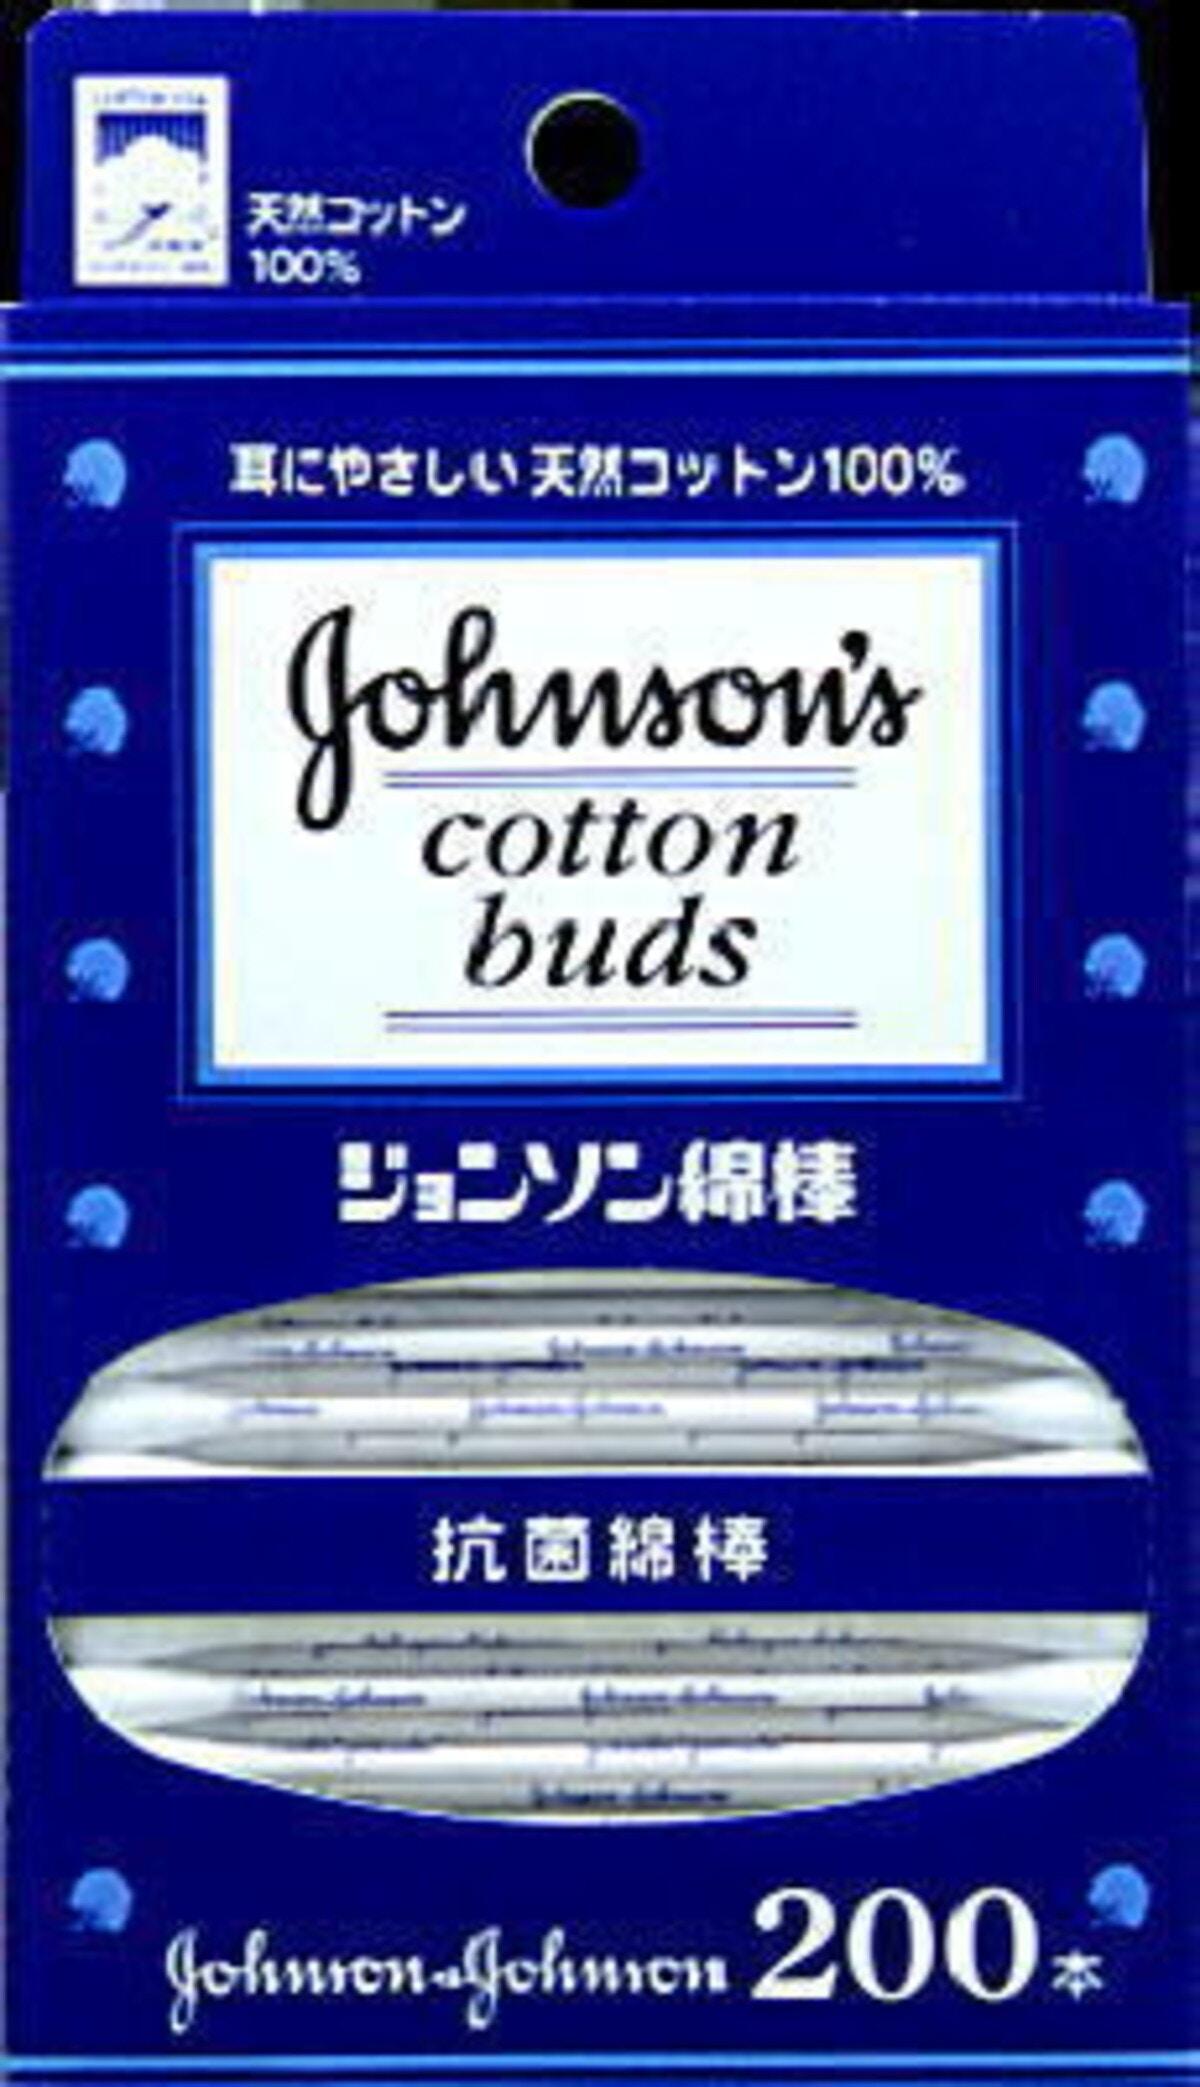 ジョンソン綿棒 200本入 天然コットン100%